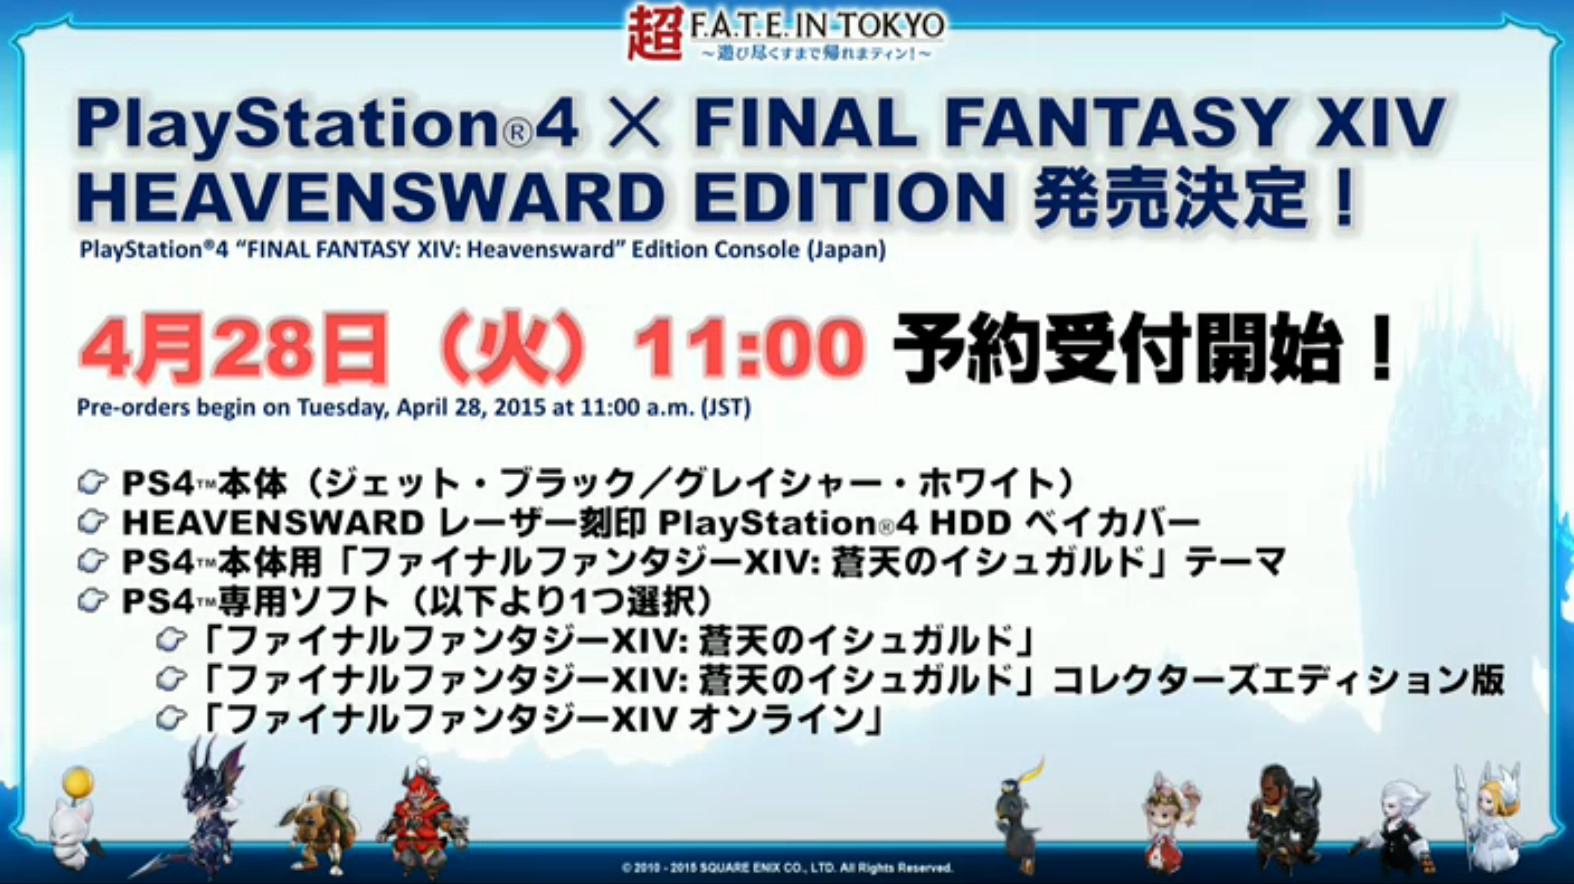 「蒼天のイシュガルド」エディションのPS4が発売される。発売日は4月28日11時